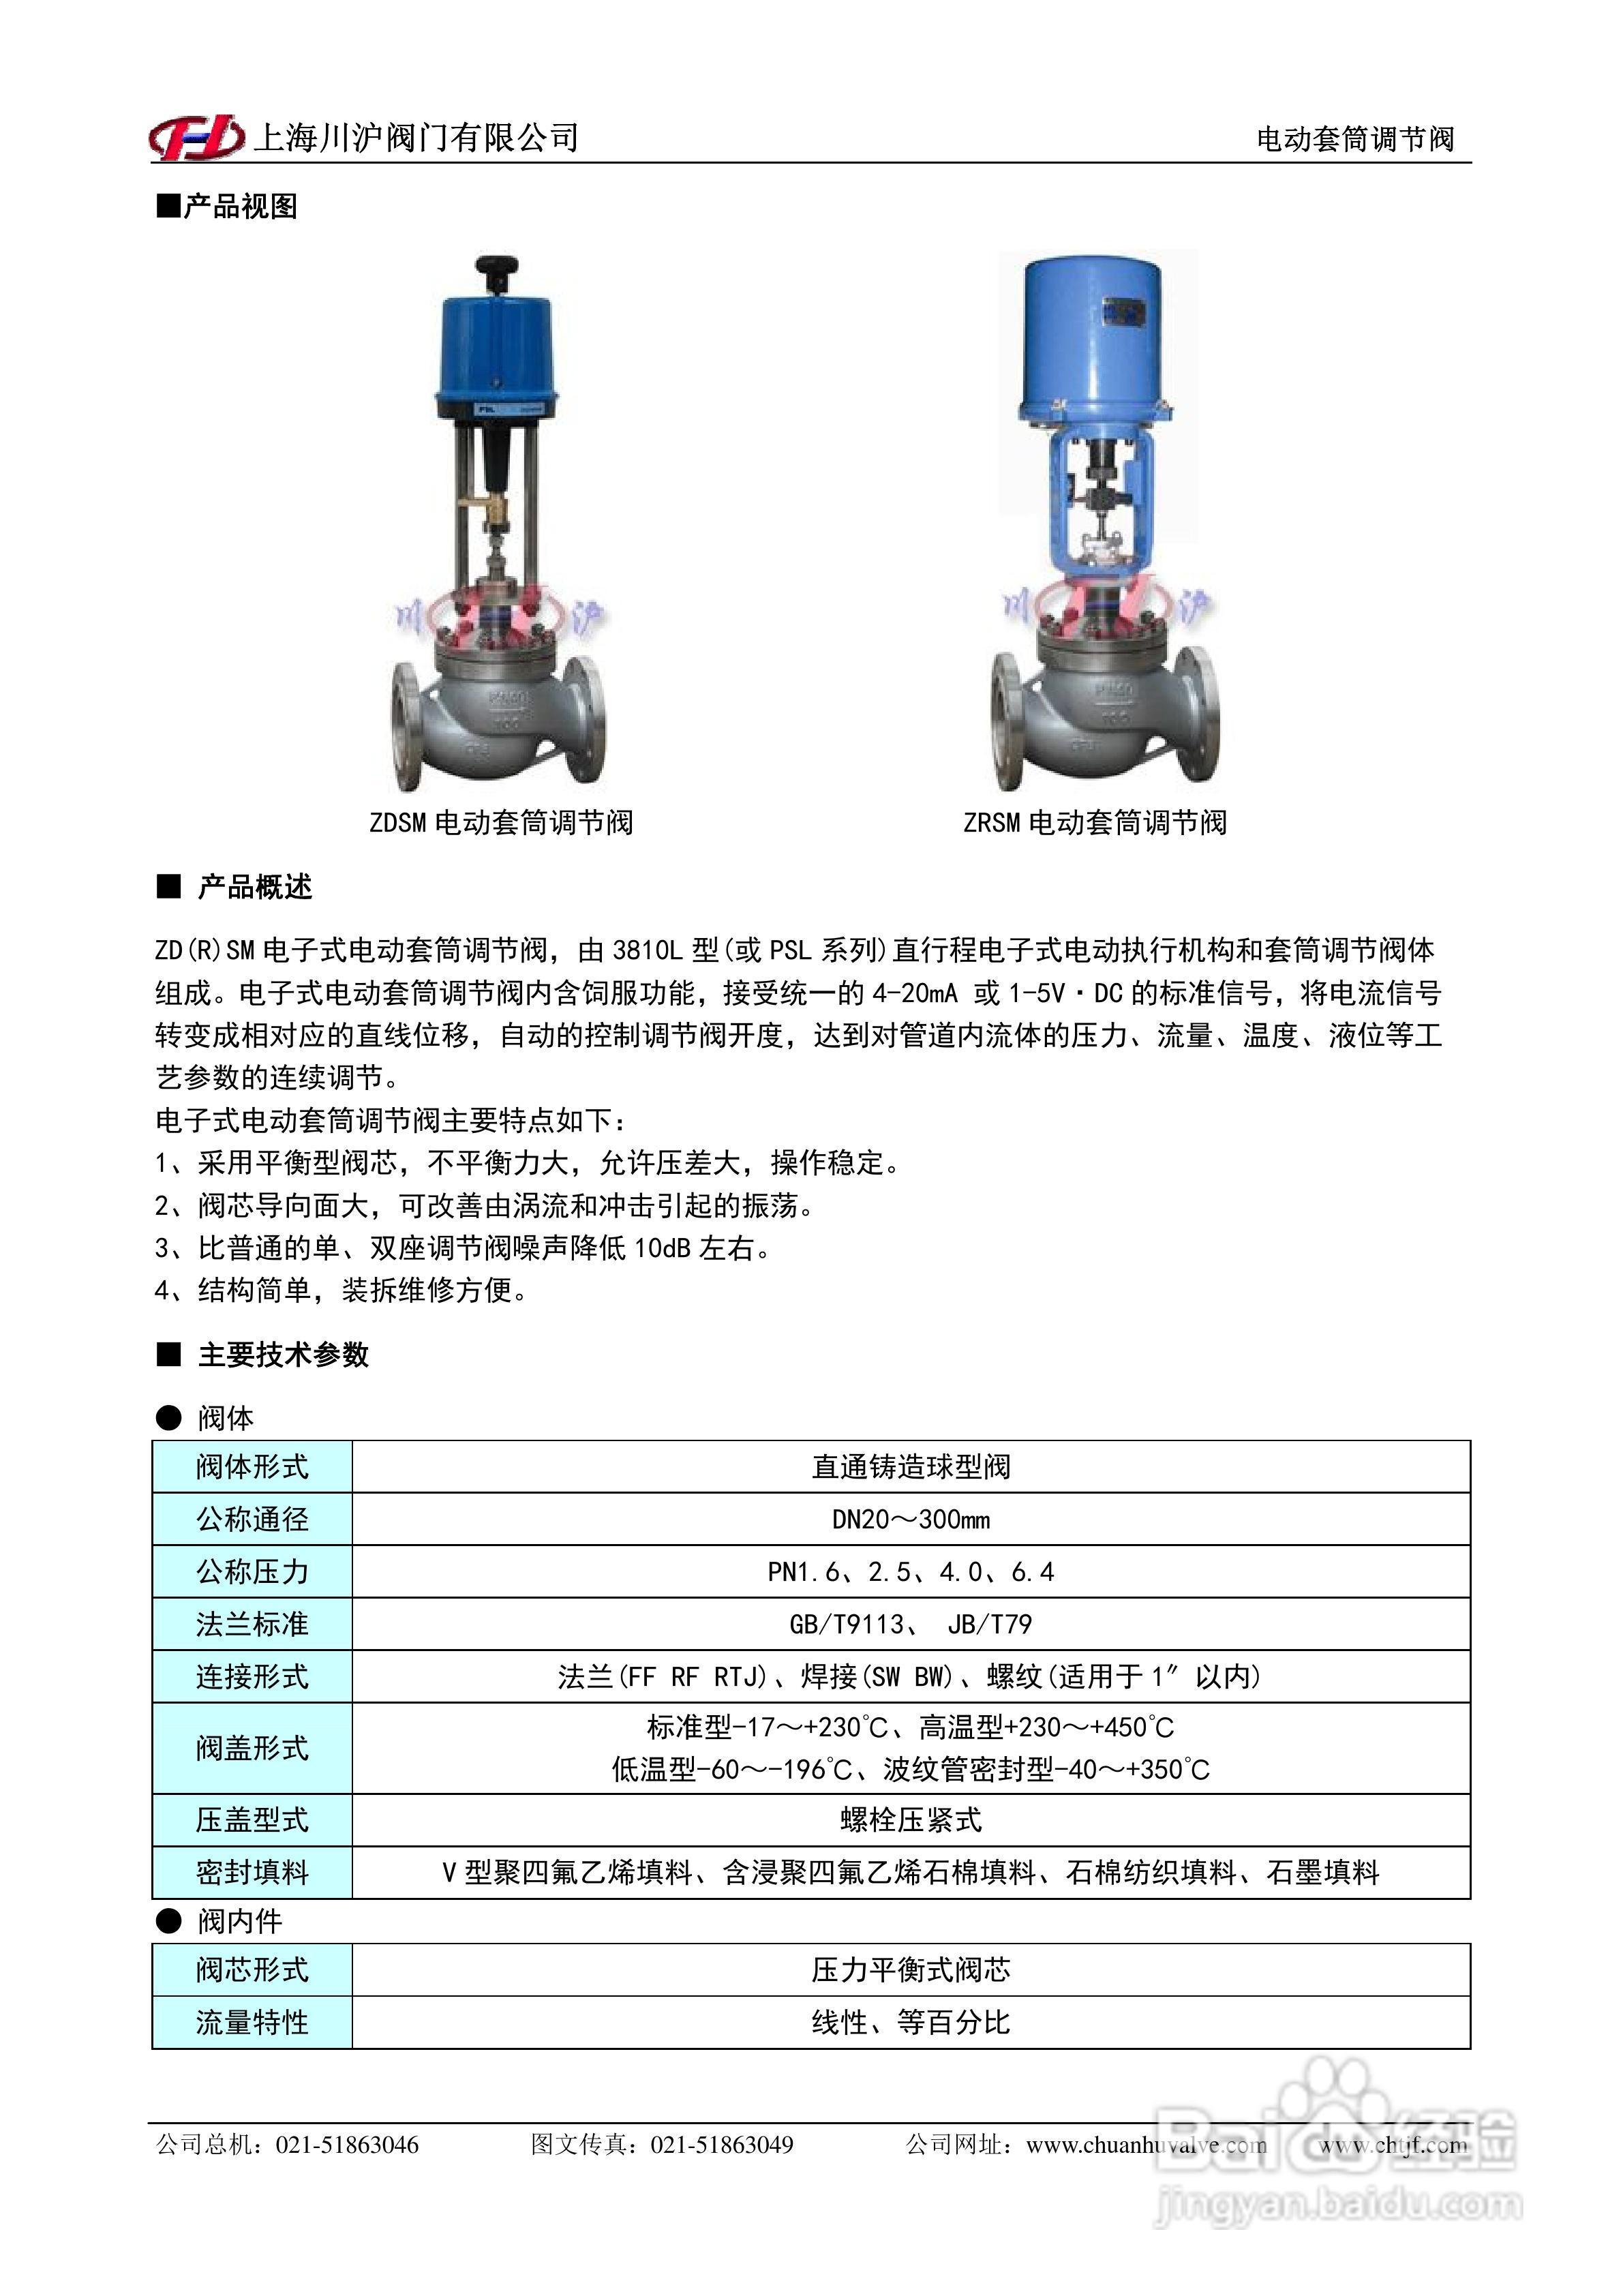 zrsm电动套筒调节阀安装使用手册:[1]图片